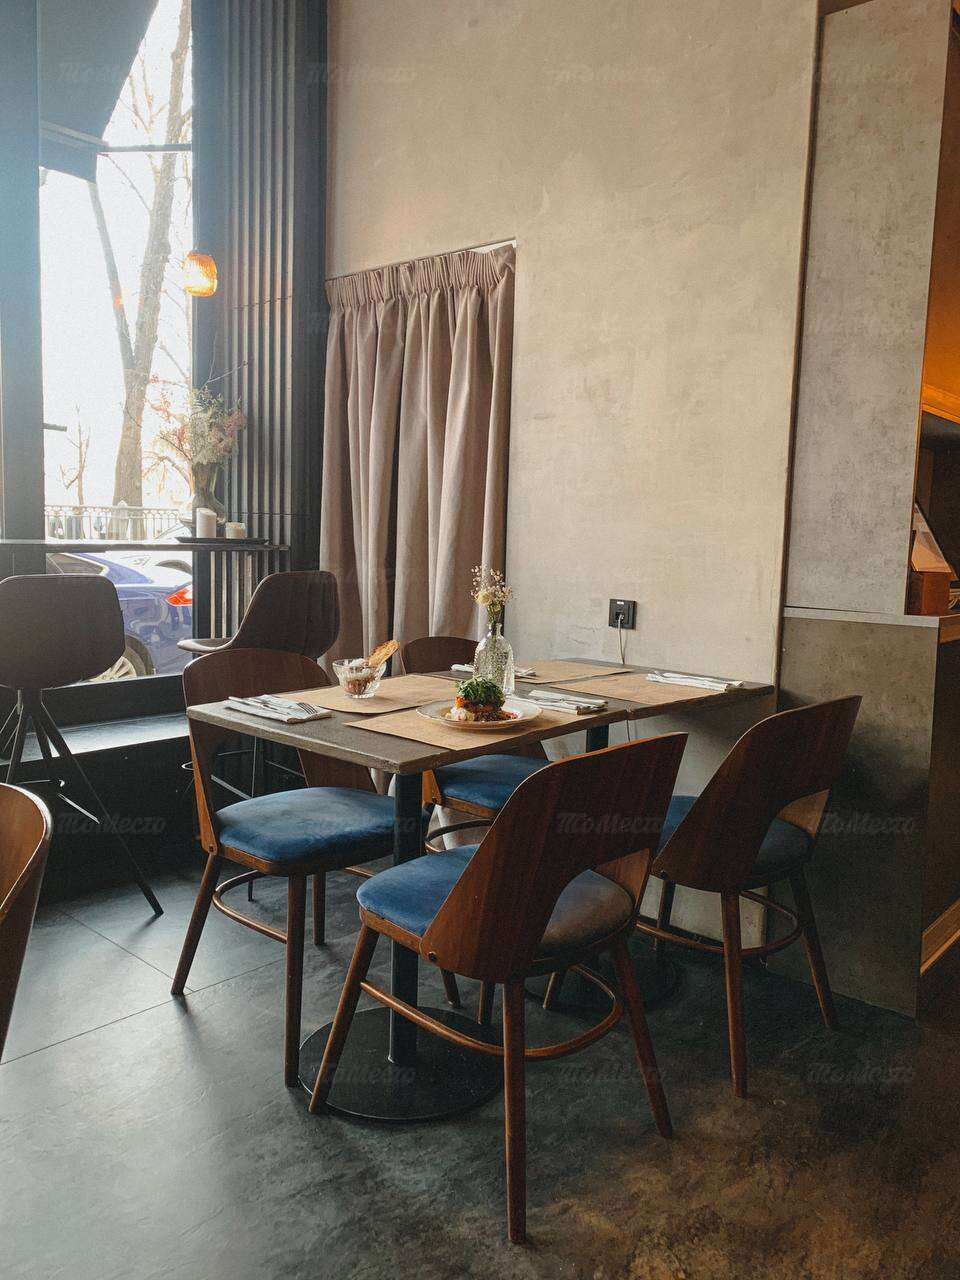 Ресторан Scampi Trattoria в Малом Патриаршем переулке фото 3